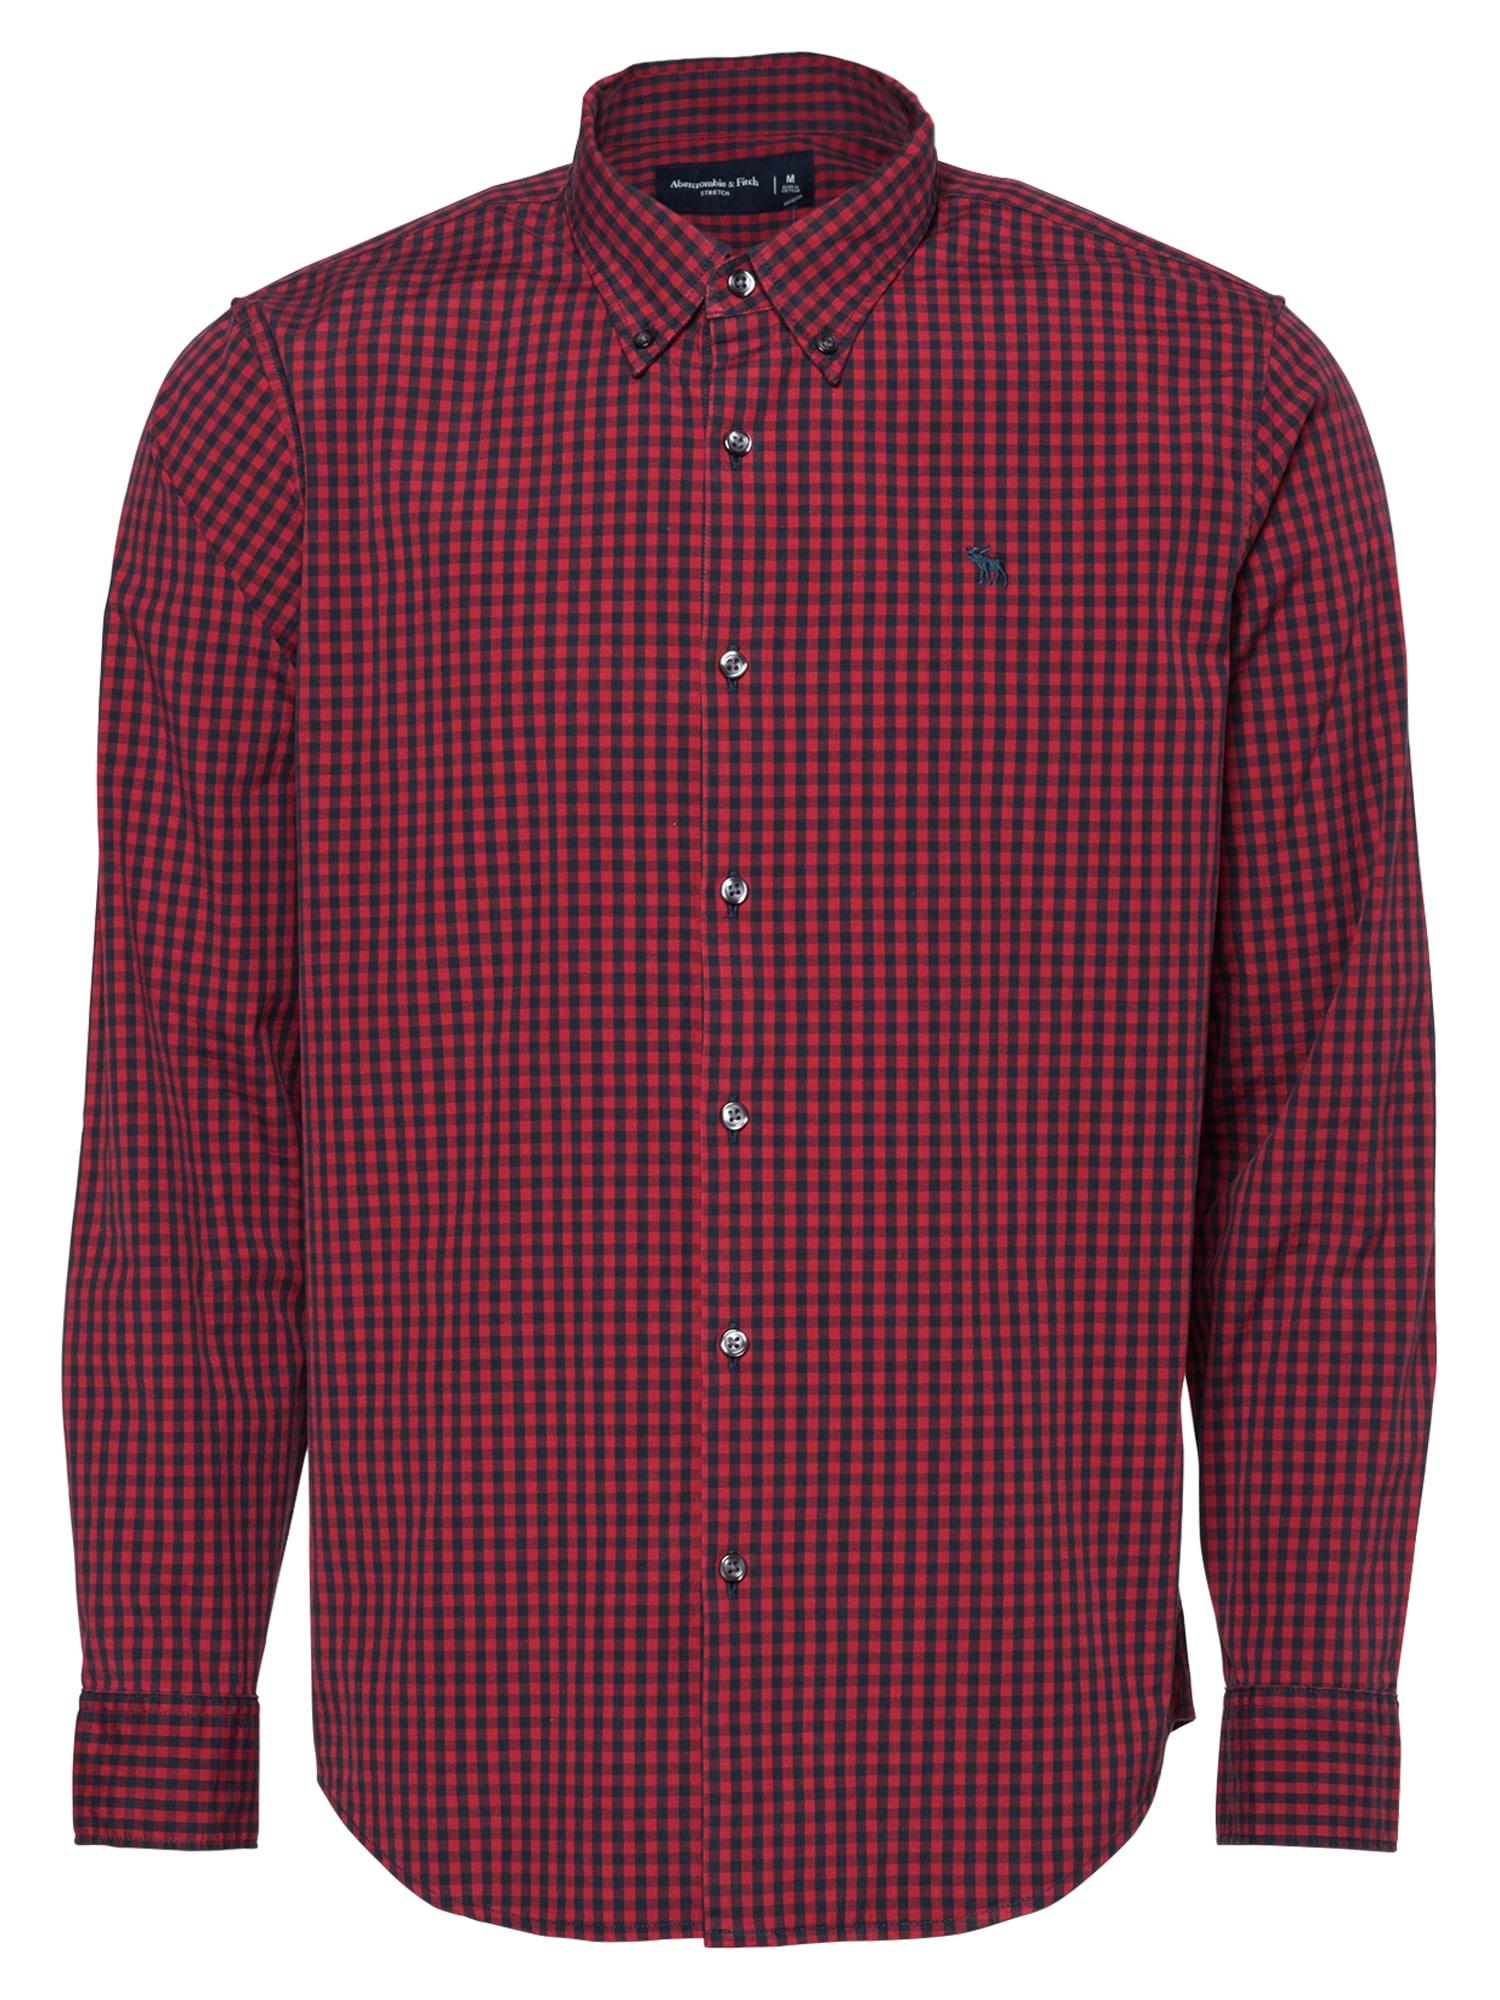 Abercrombie & Fitch Marškiniai tamsiai raudona / tamsiai mėlyna